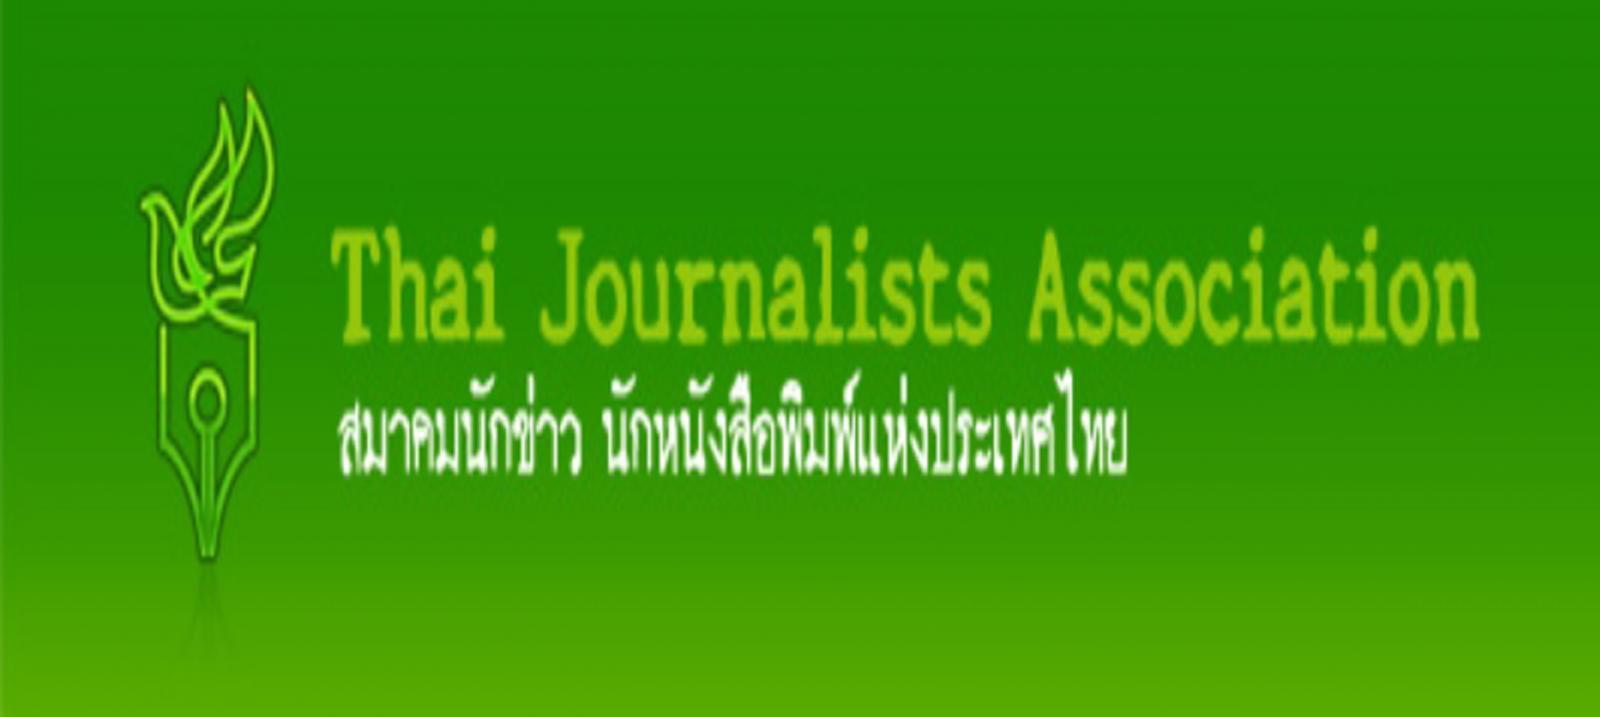 สมาคมนักข่าวฯ ชี้อนุญาตให้ถามนายกฯ แค่ 4 คำถาม ลิดรอนเสรีภาพสื่อ